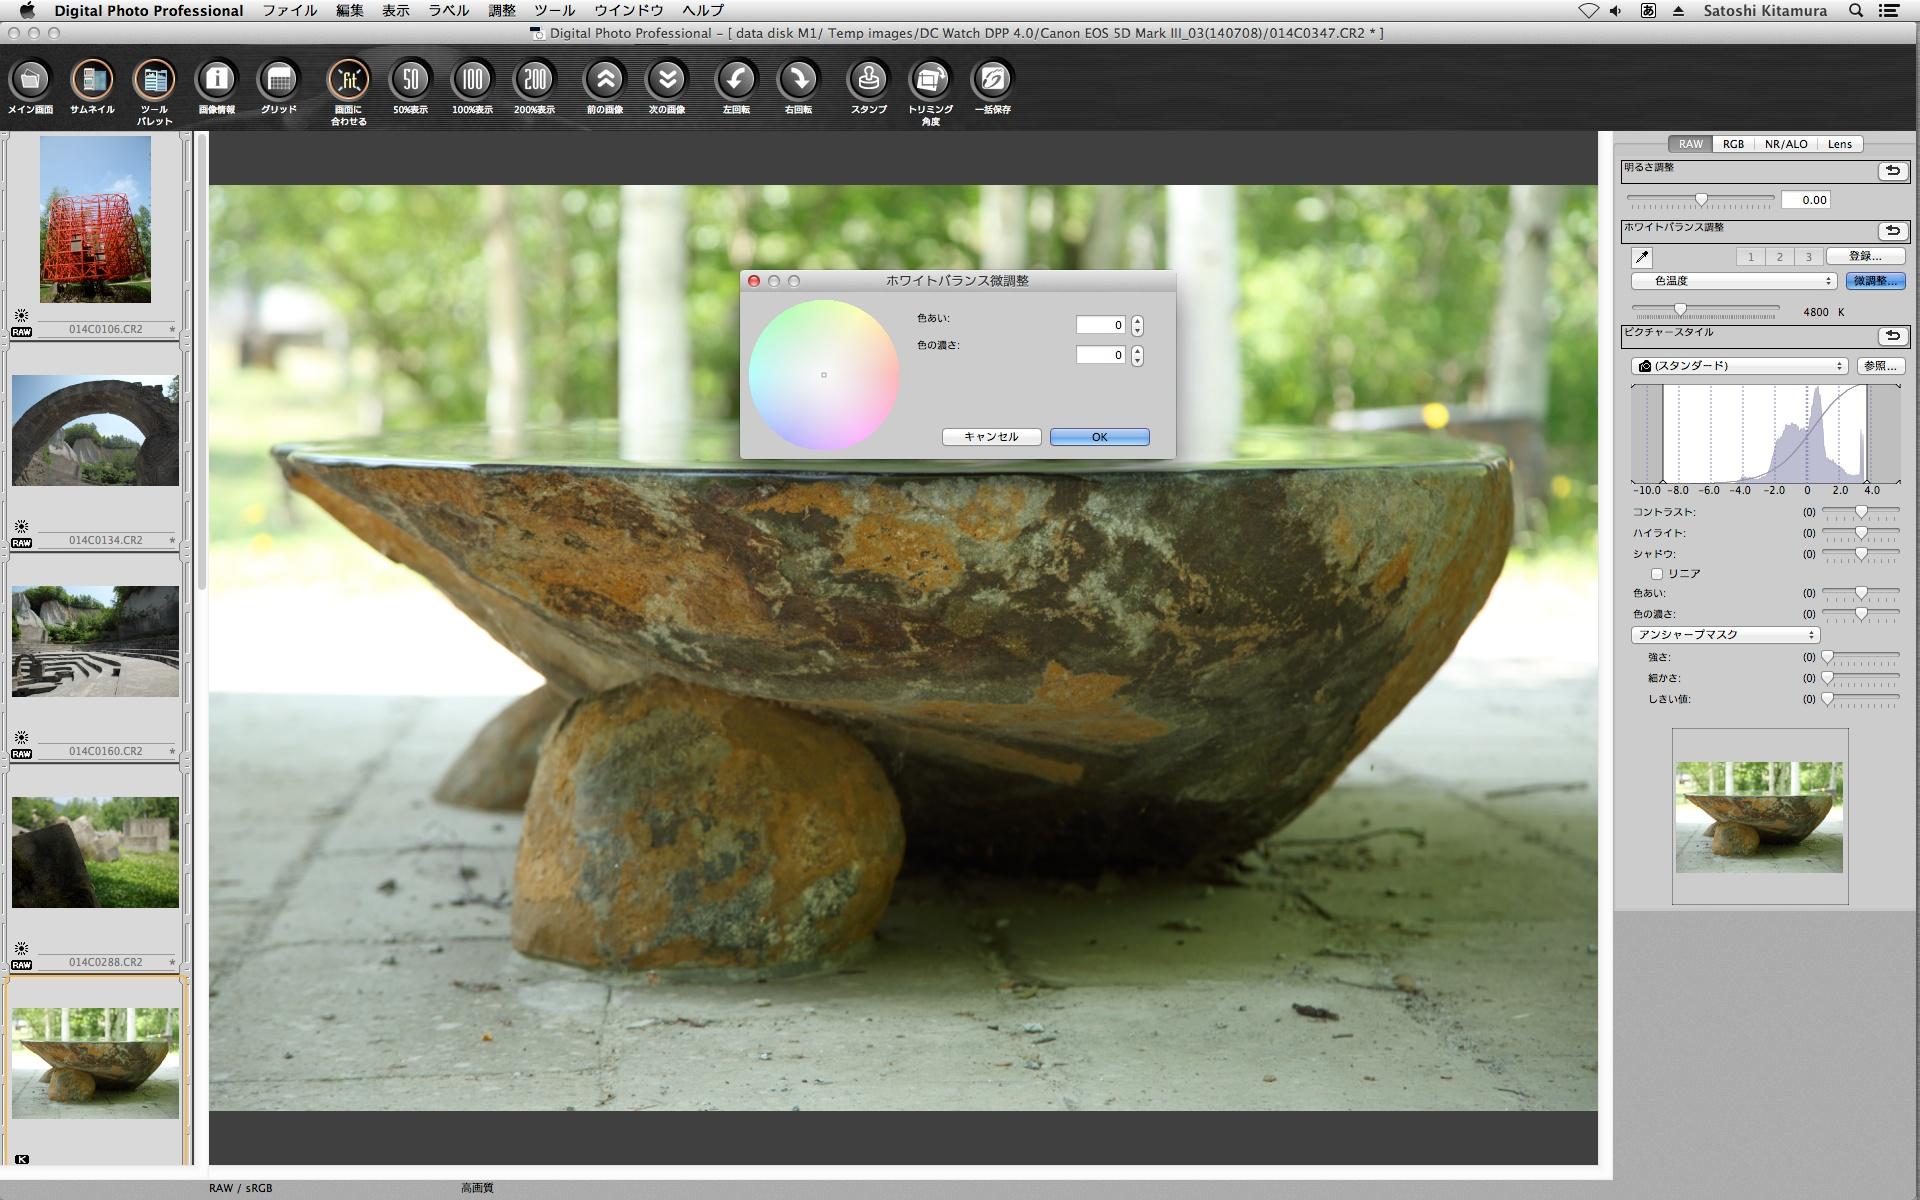 DPP 3の「ホワイトバランス微調整」の画面。調整パラメーターが「色あい(色相)」と「色の濃さ(彩度)」なのがややこしいところだった。